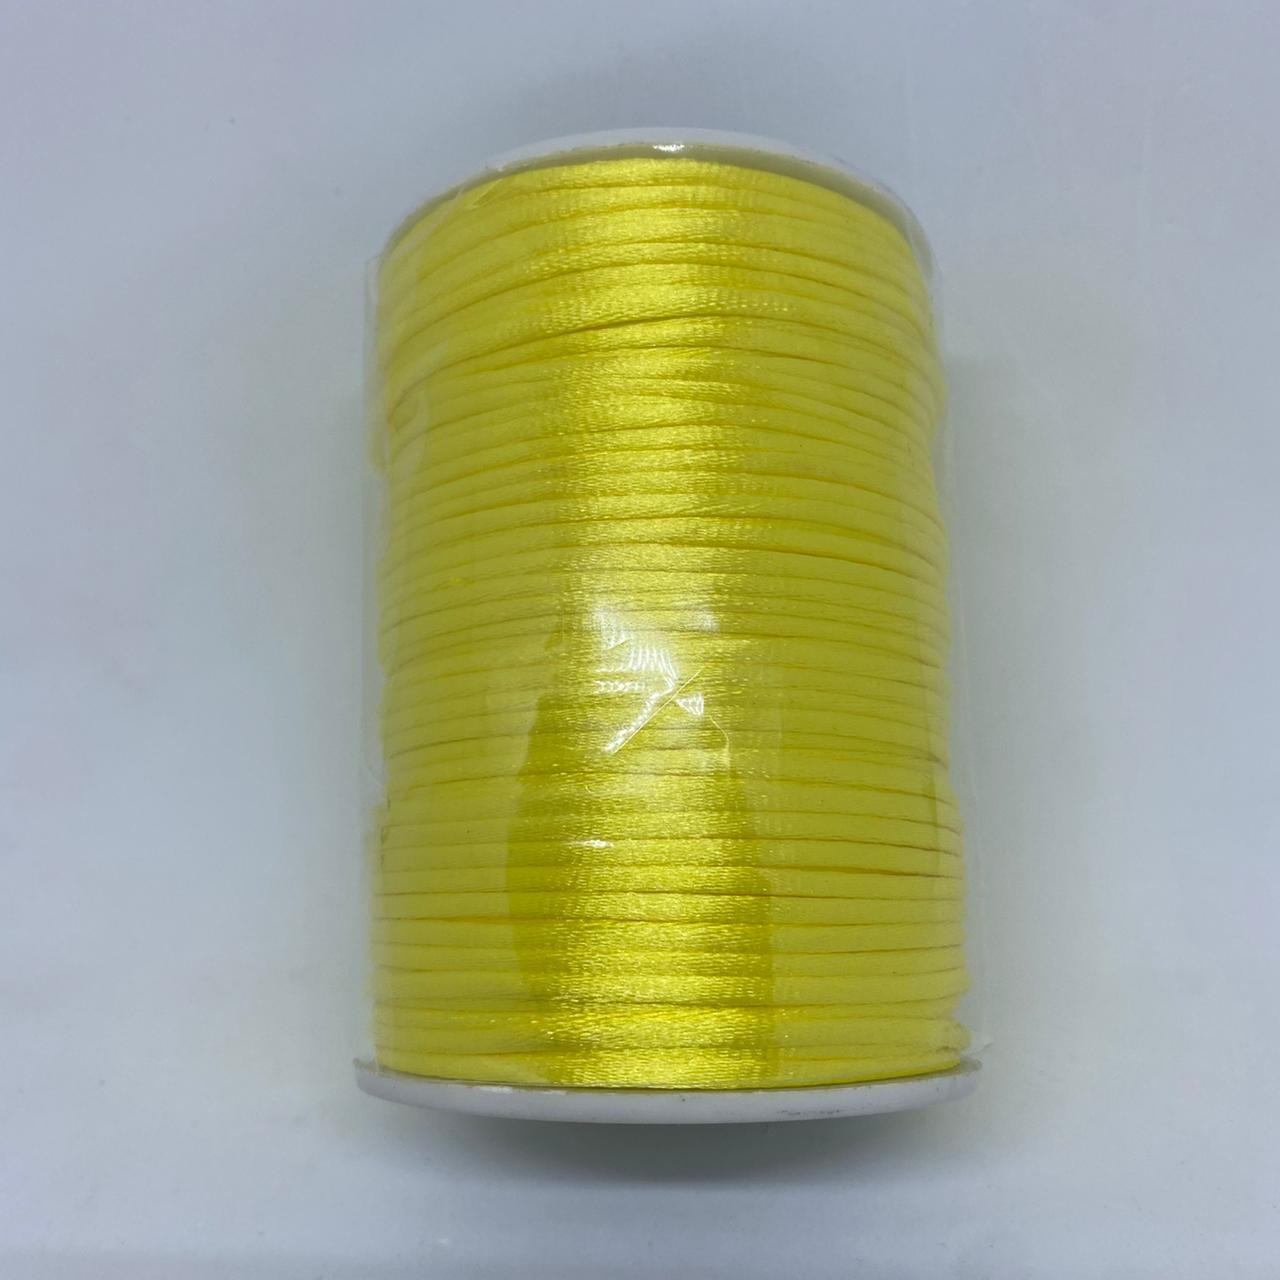 Fio de amarelo claro  c/ 10 metros 2mm